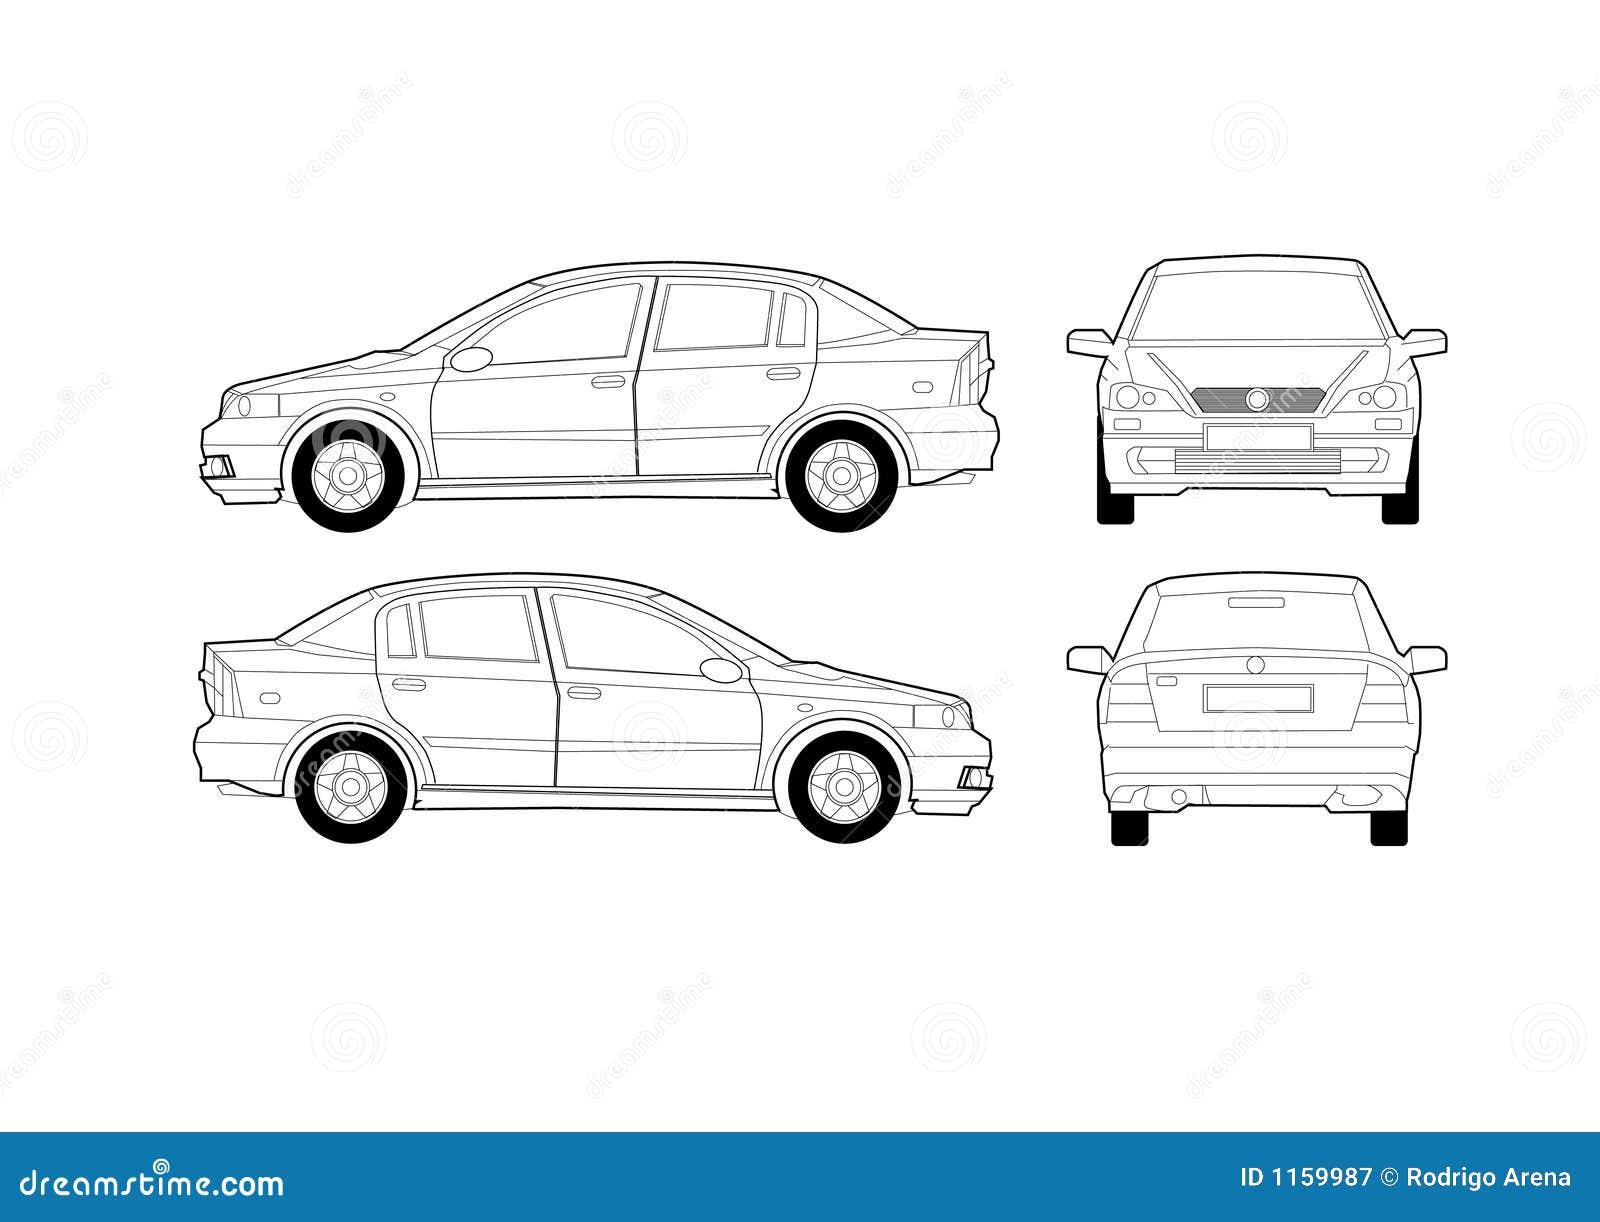 Het generische diagram van de auto van de zaal vector illustratie afbeelding 1159987 - Versiering van de zaal van het tienermeisje van ...